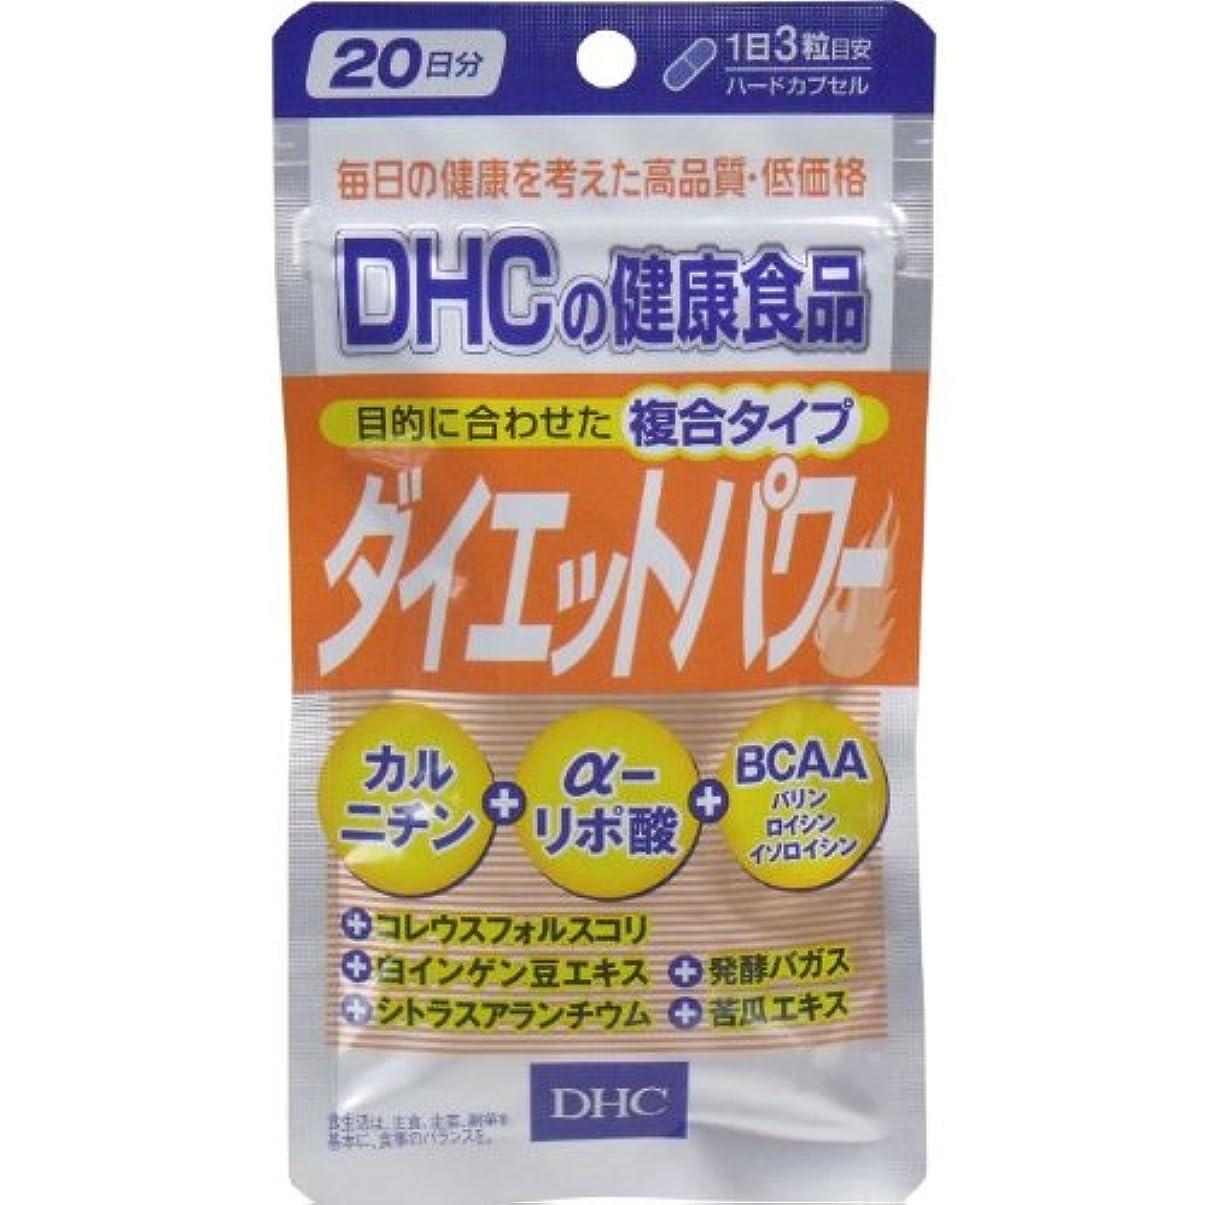 スマートジュース退化するDHC ダイエットパワー 60粒入 20日分「5点セット」